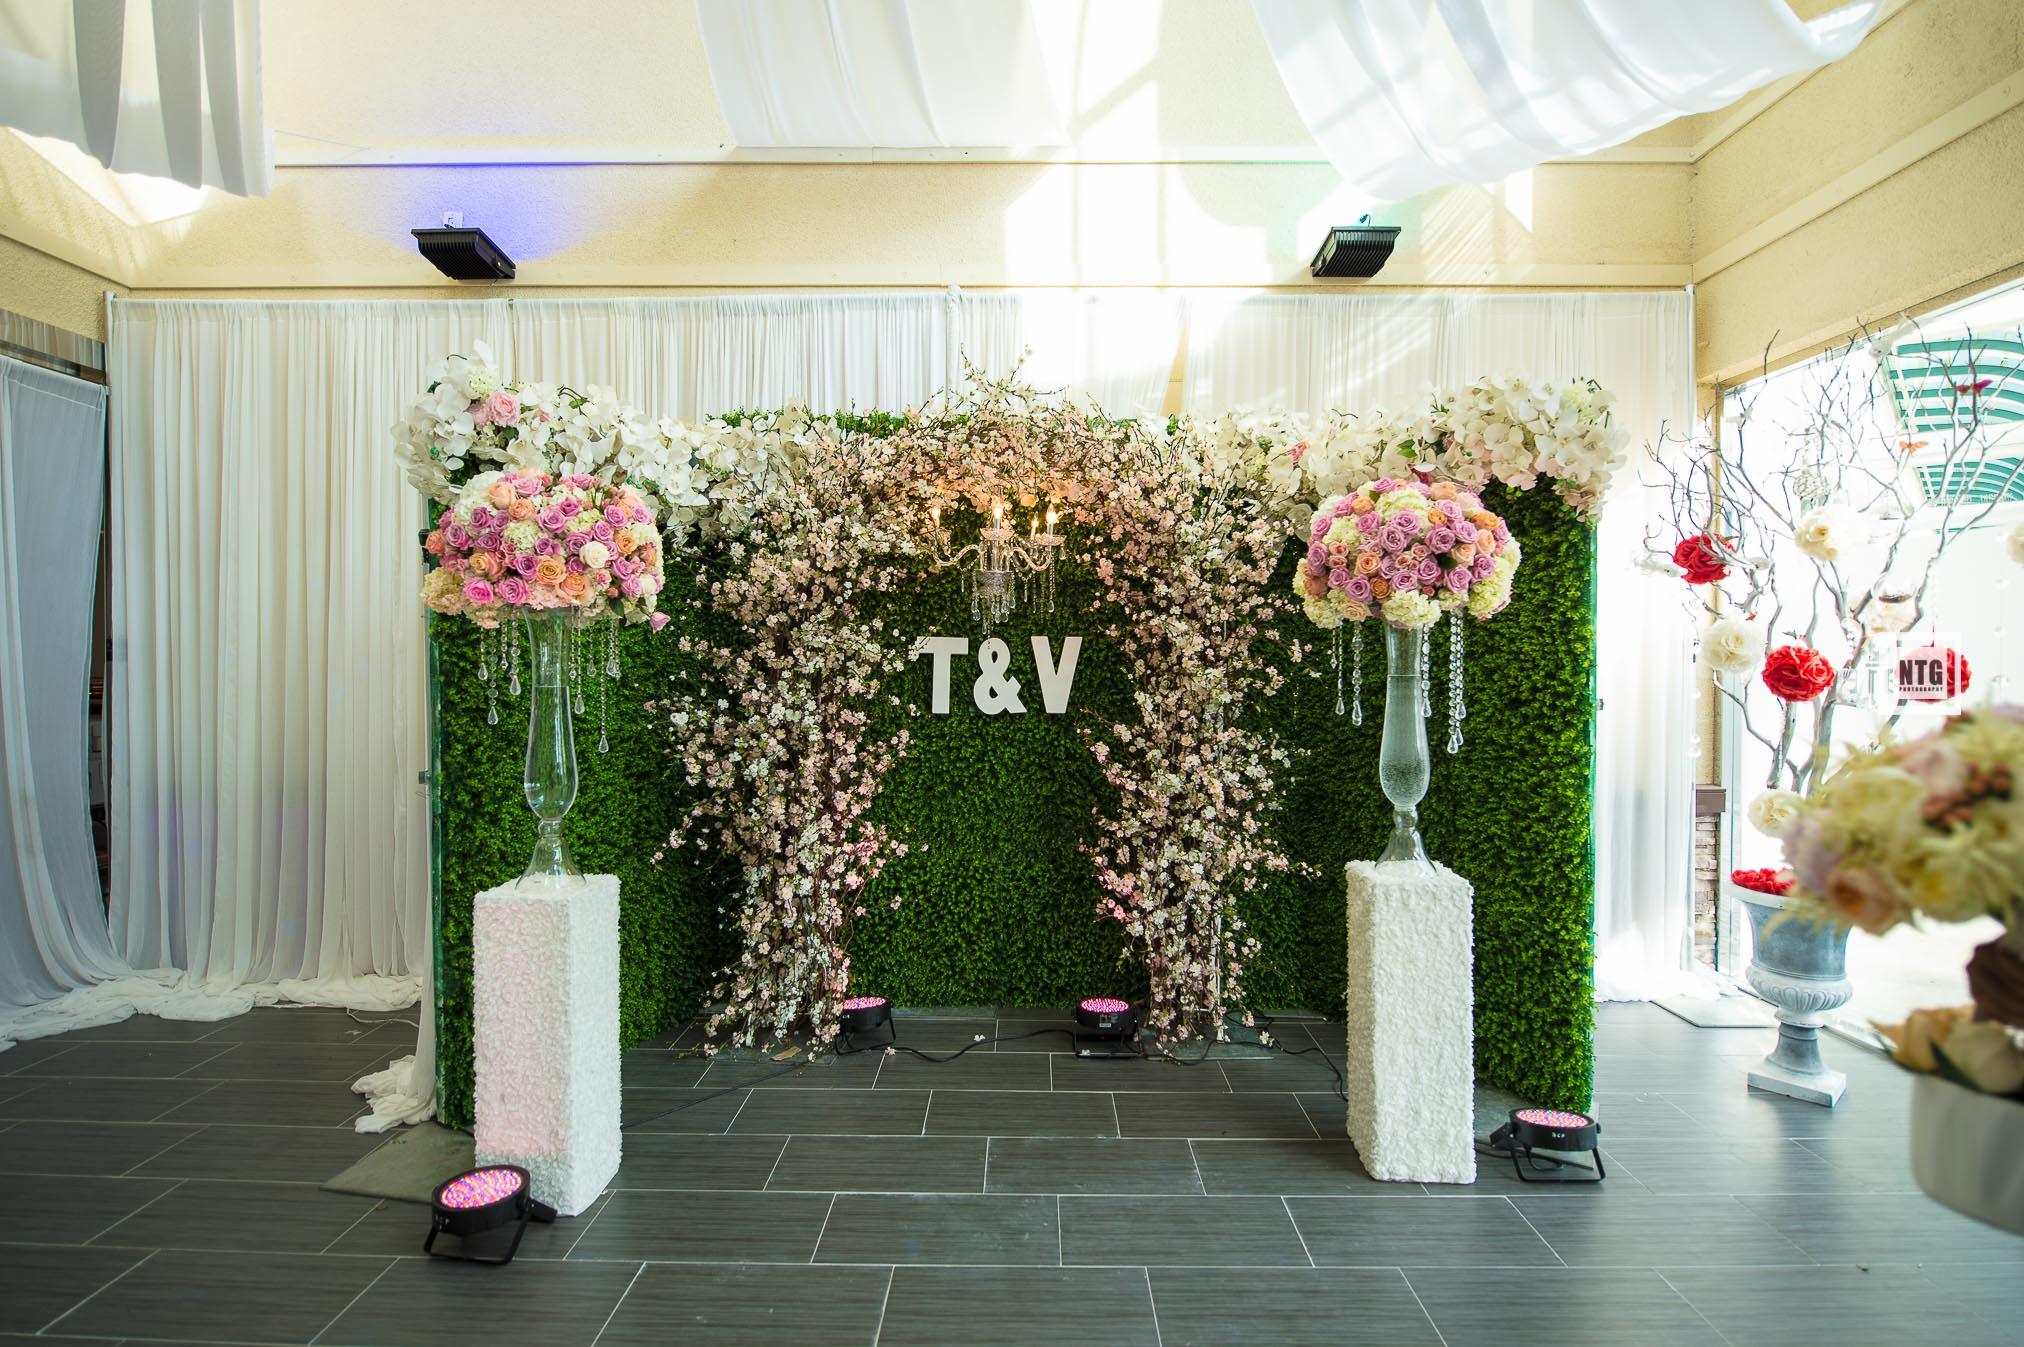 NTG-TV-Details-7